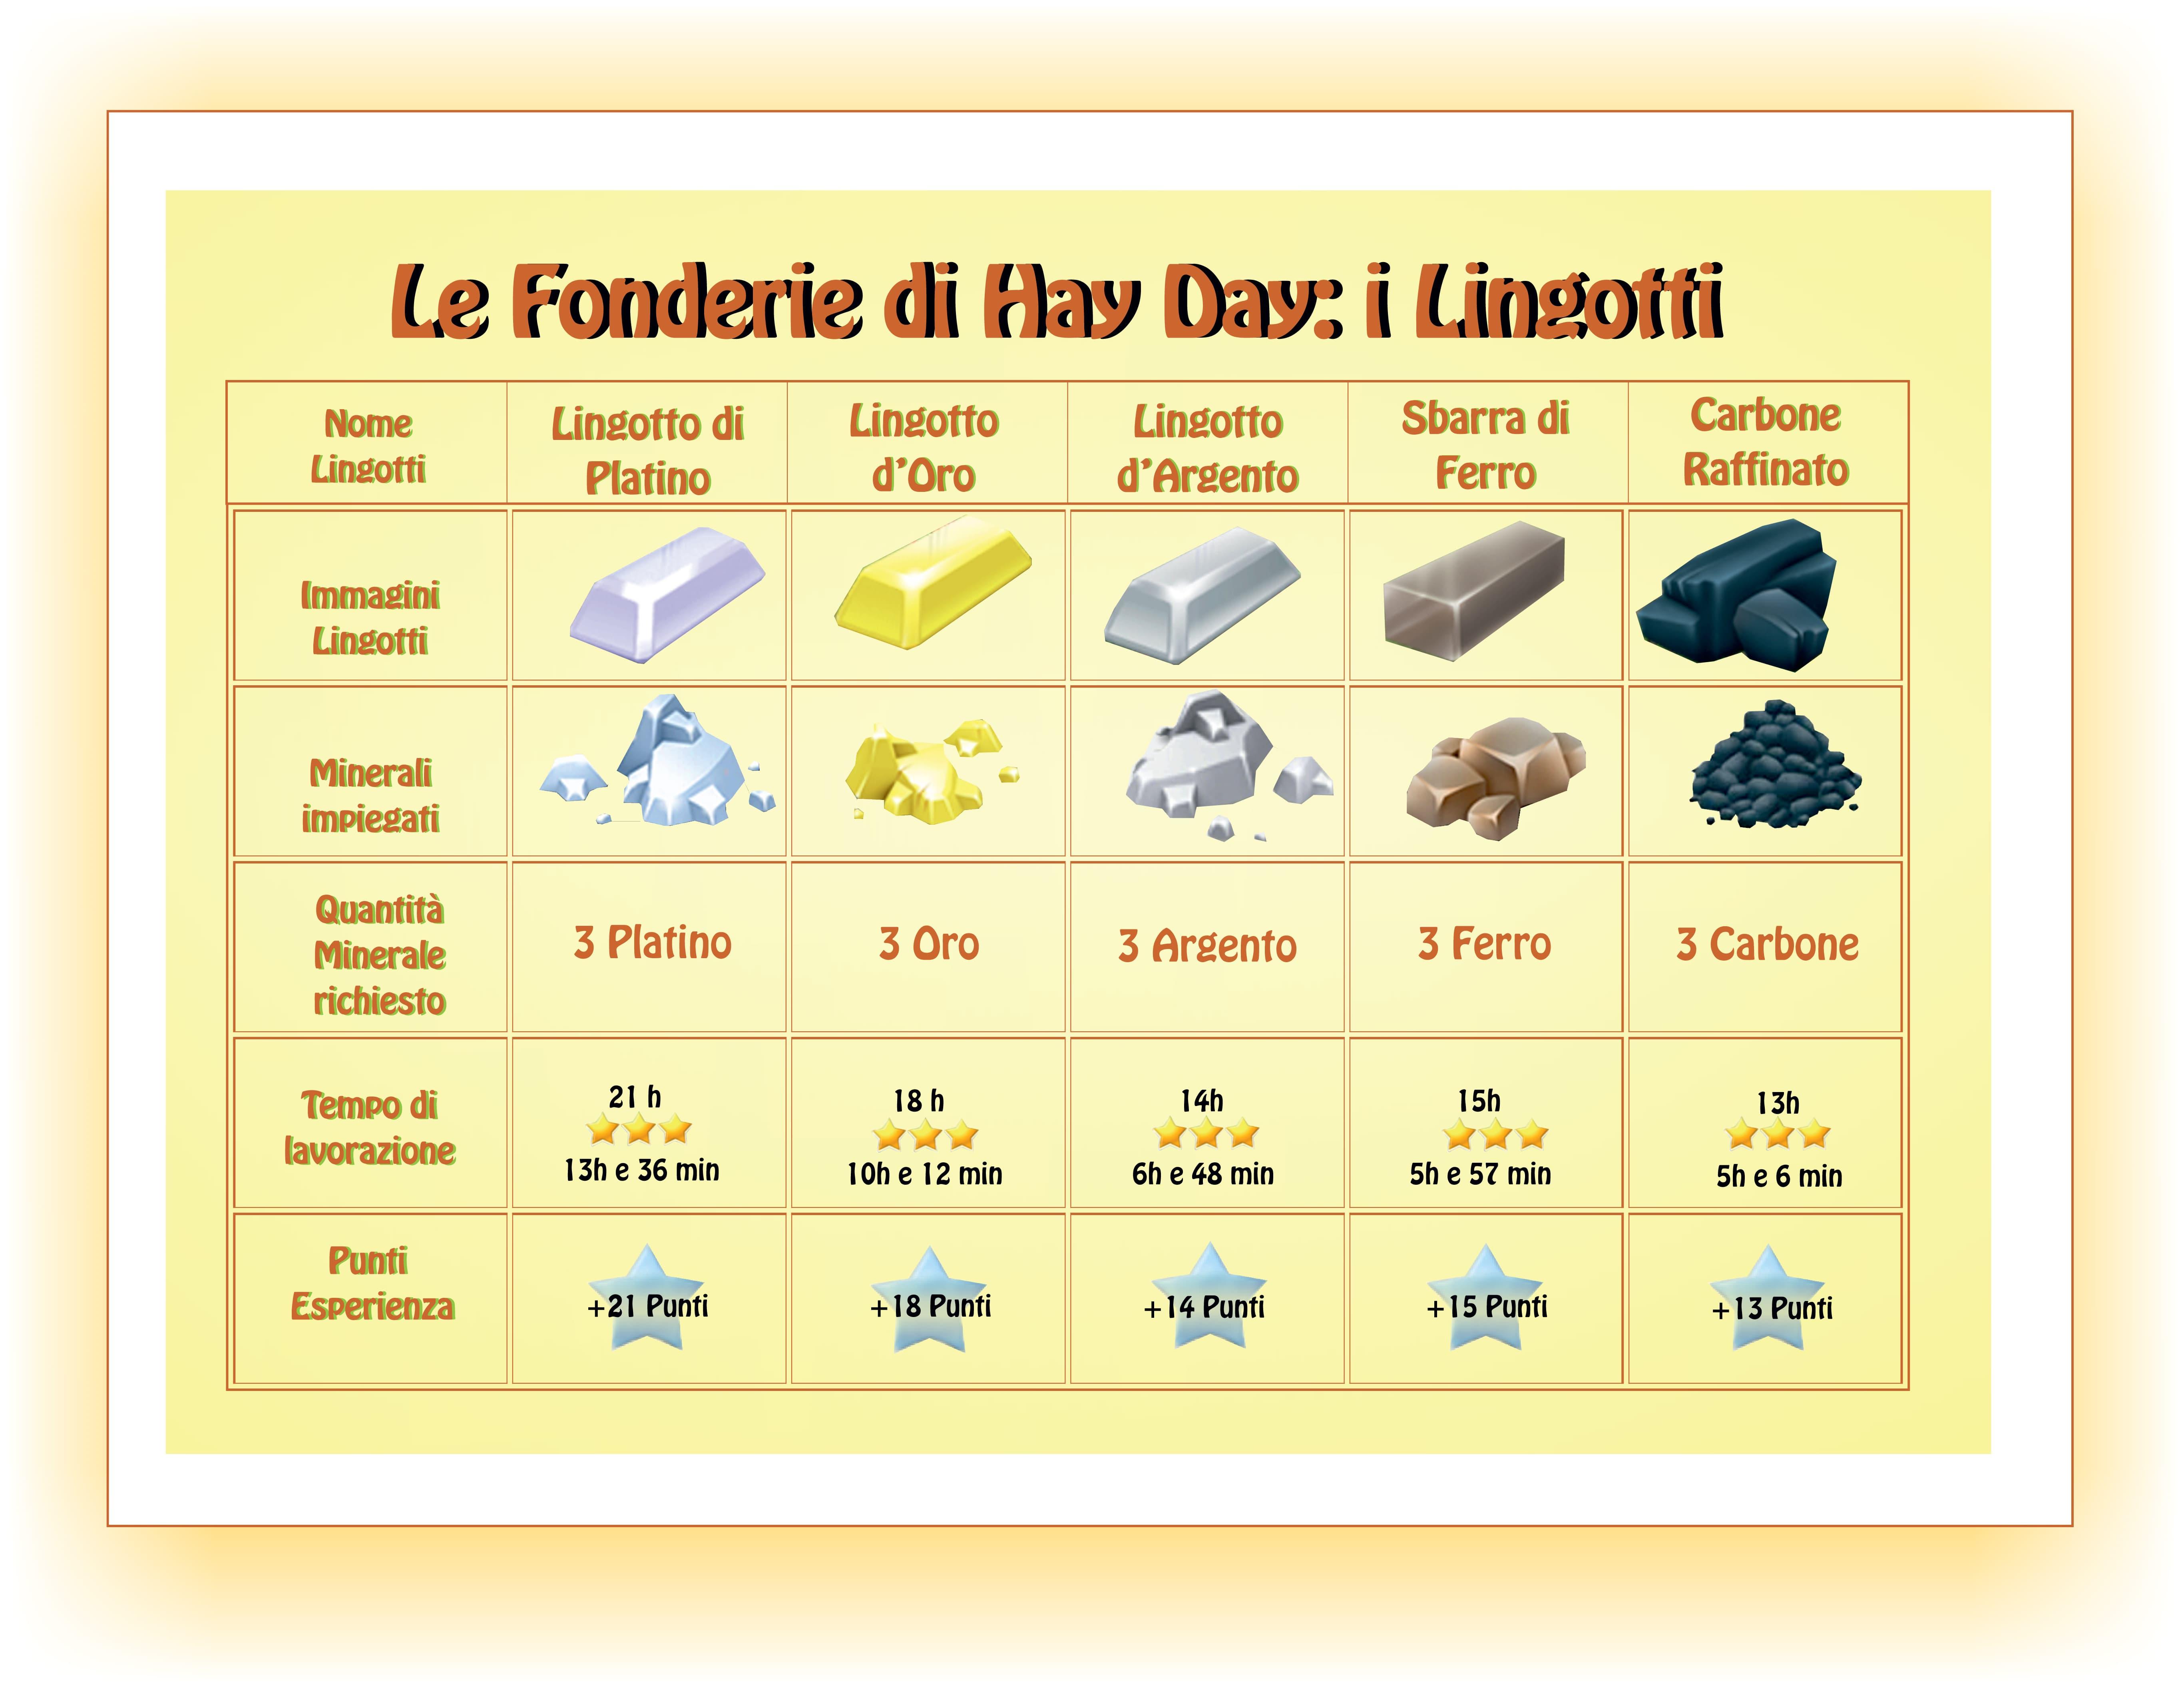 Le Fonderie di Hay Day-i Lingotti